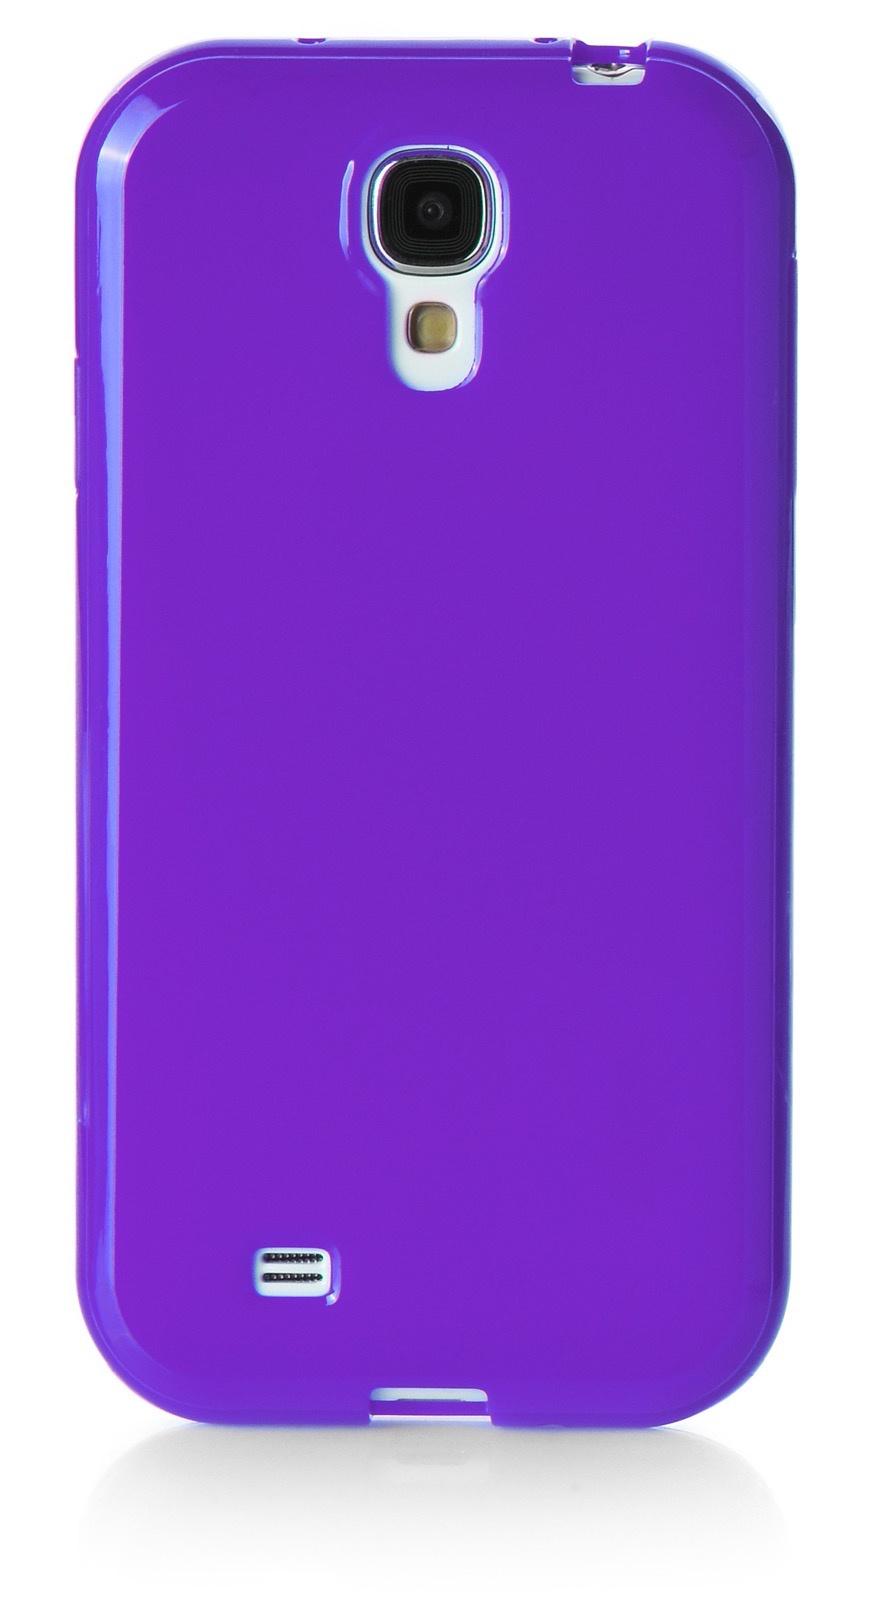 Чехол для сотового телефона iNeez накладка силикон мыльница 450174 для Samsung Galaxy S4, фиолетовый